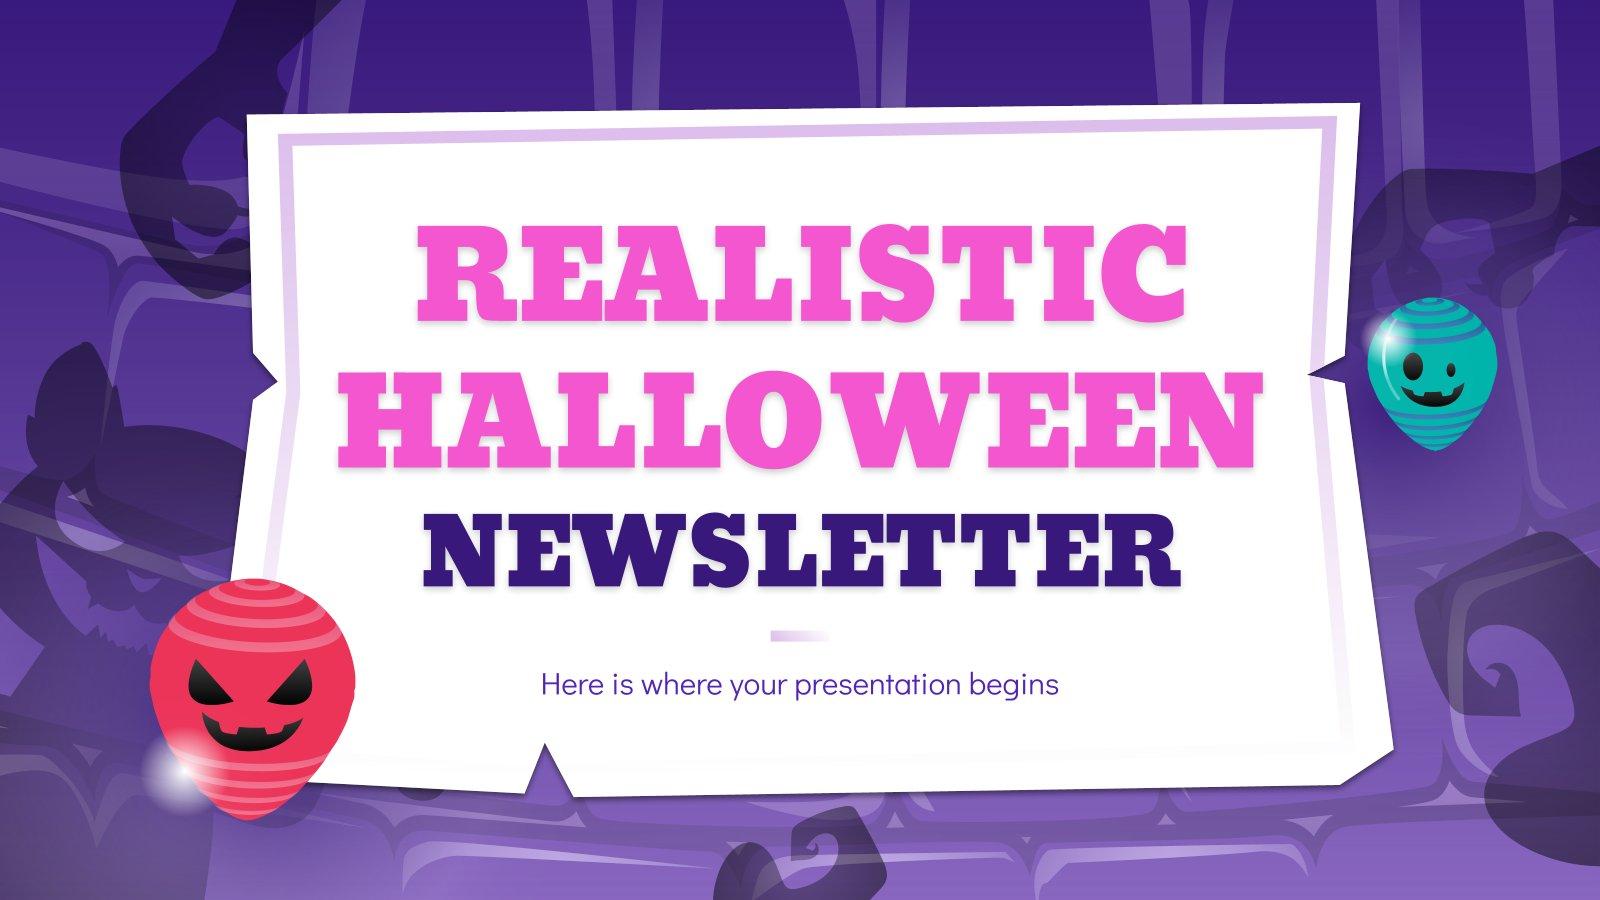 Realistischer Halloween-Newsletter Präsentationsvorlage